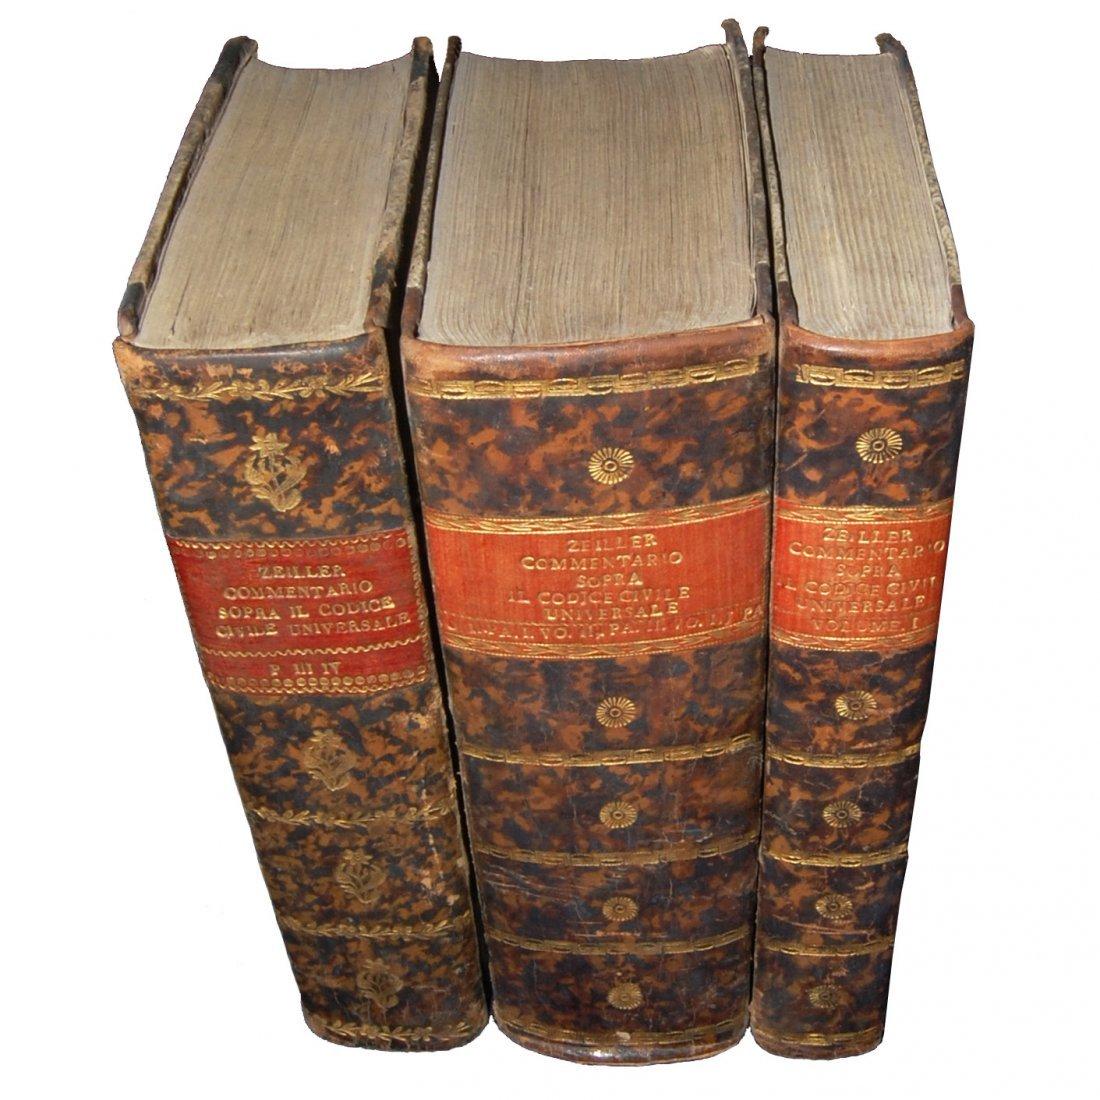 [Austria, Civil Code] Zeiller, 1815-16, 3 vols